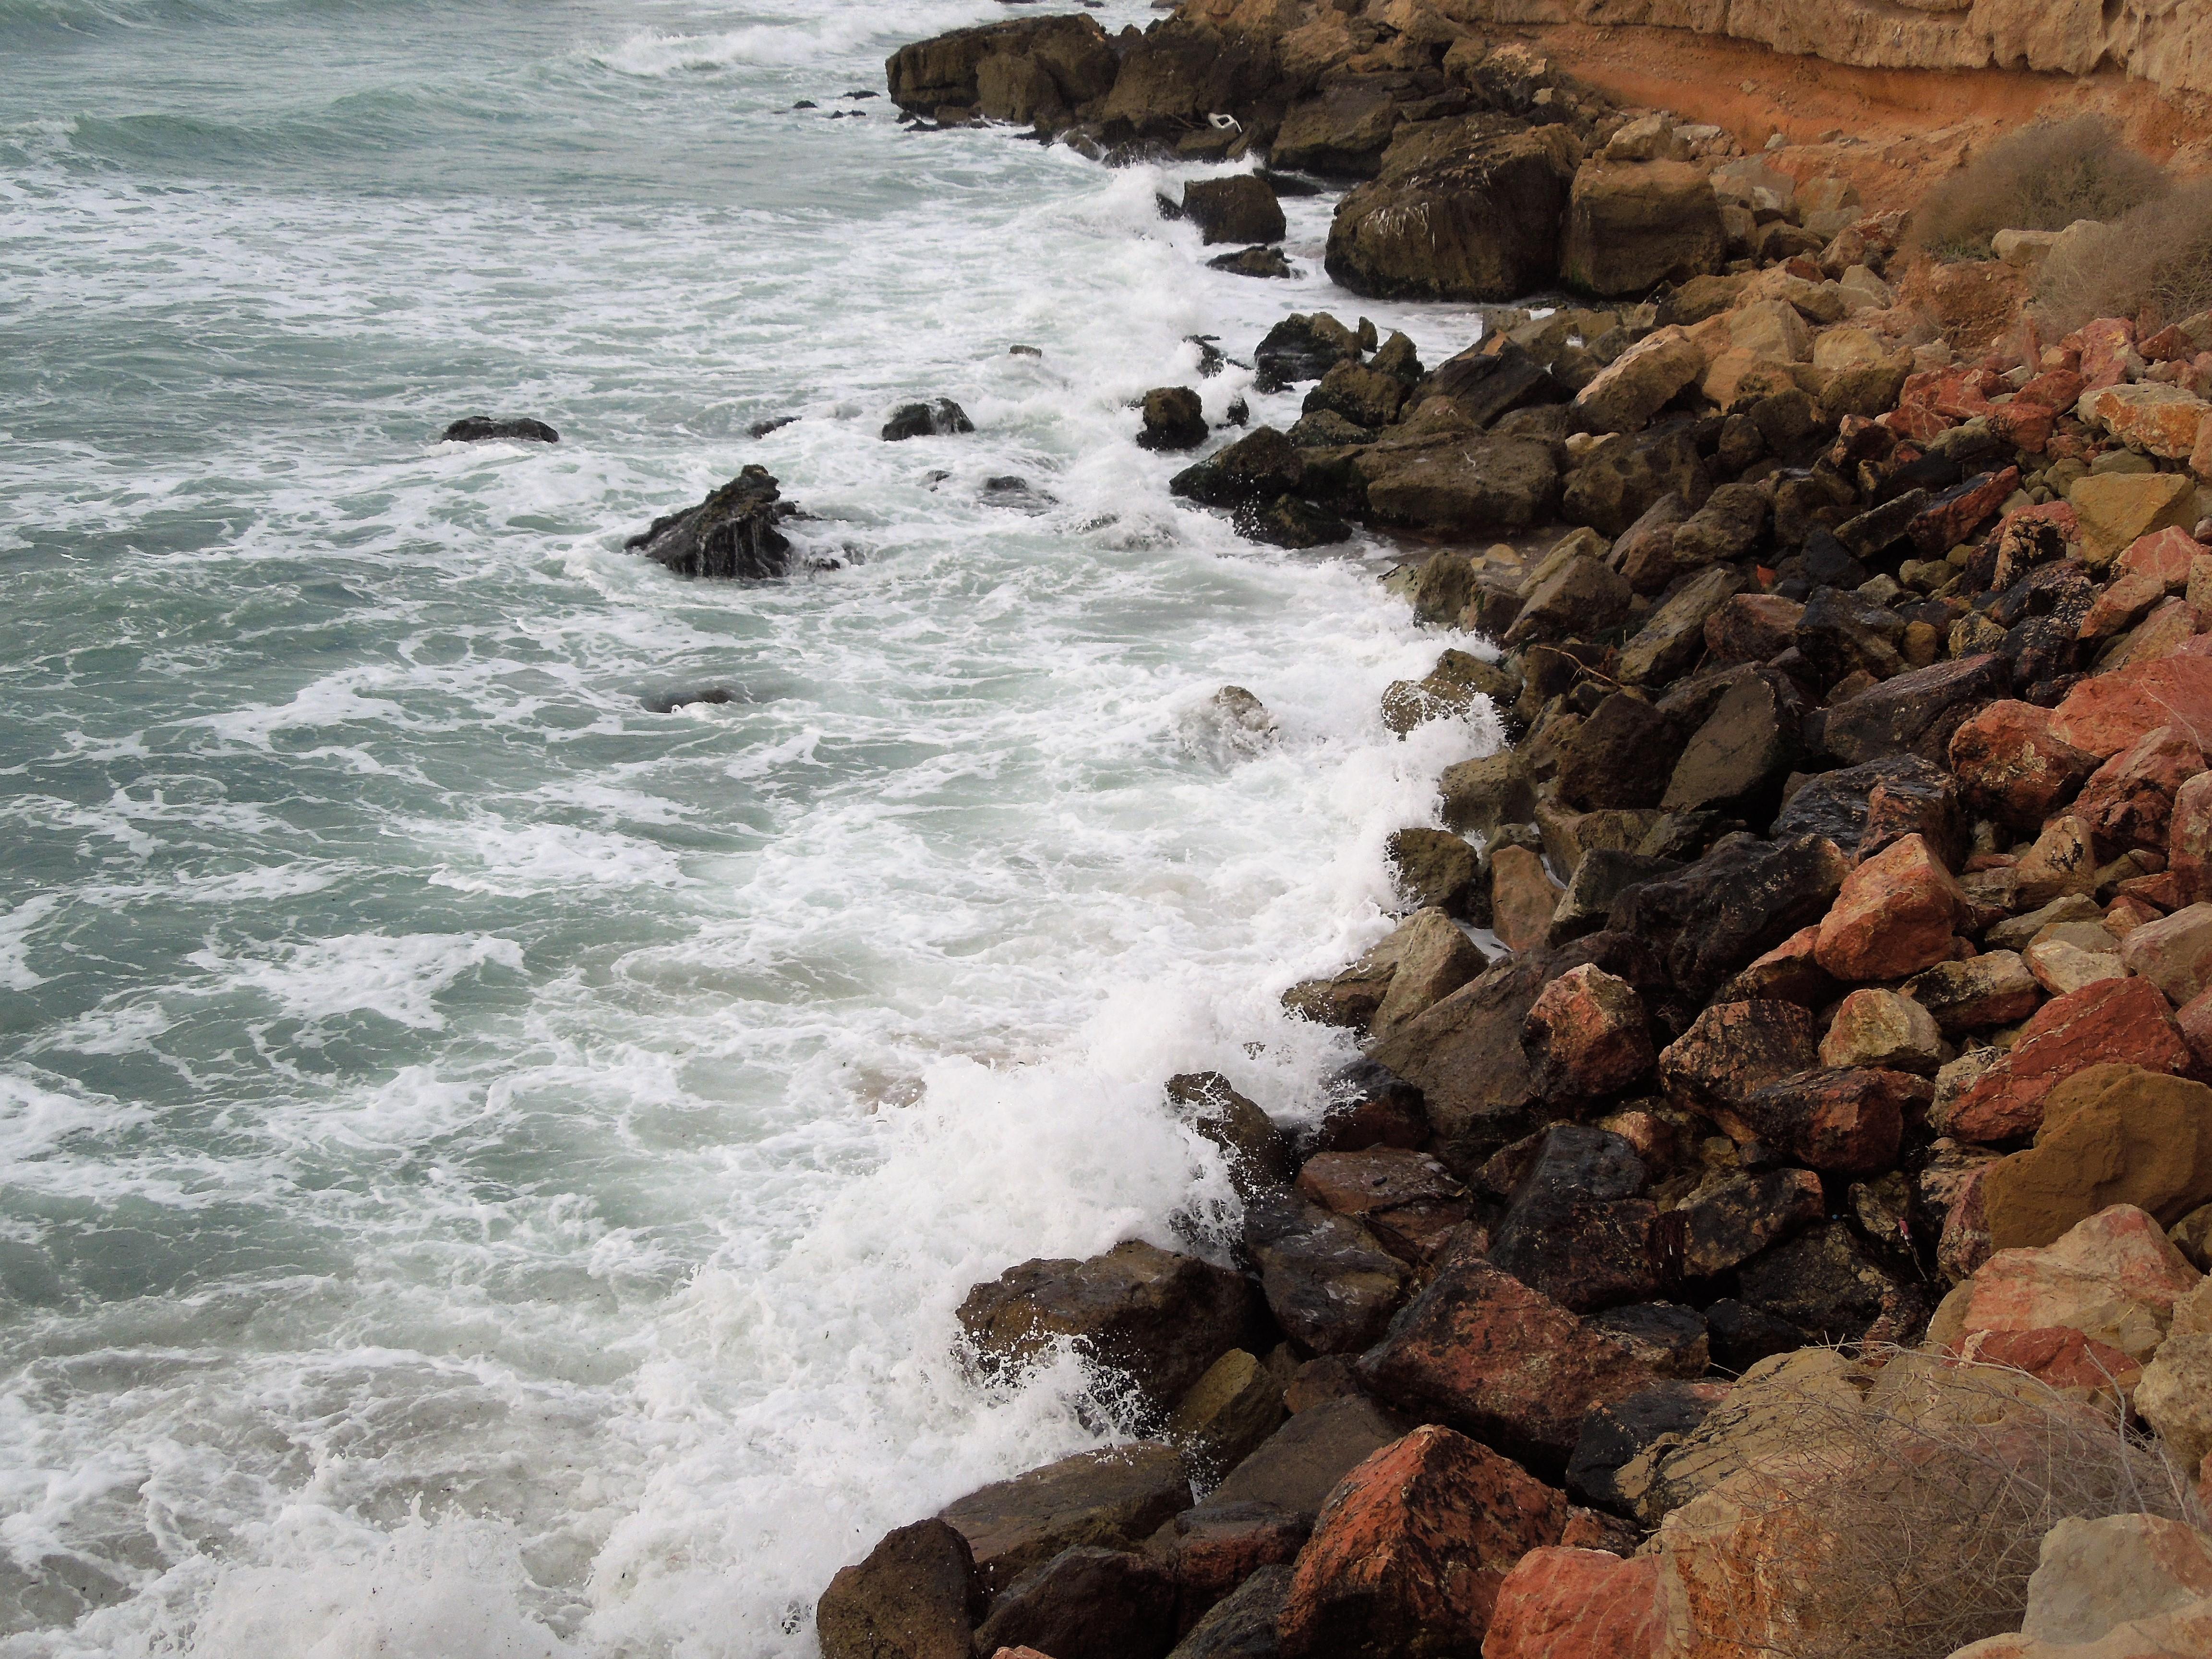 Aguamarga 2017 017, Beach, Coast, Ocean, Sea, HQ Photo